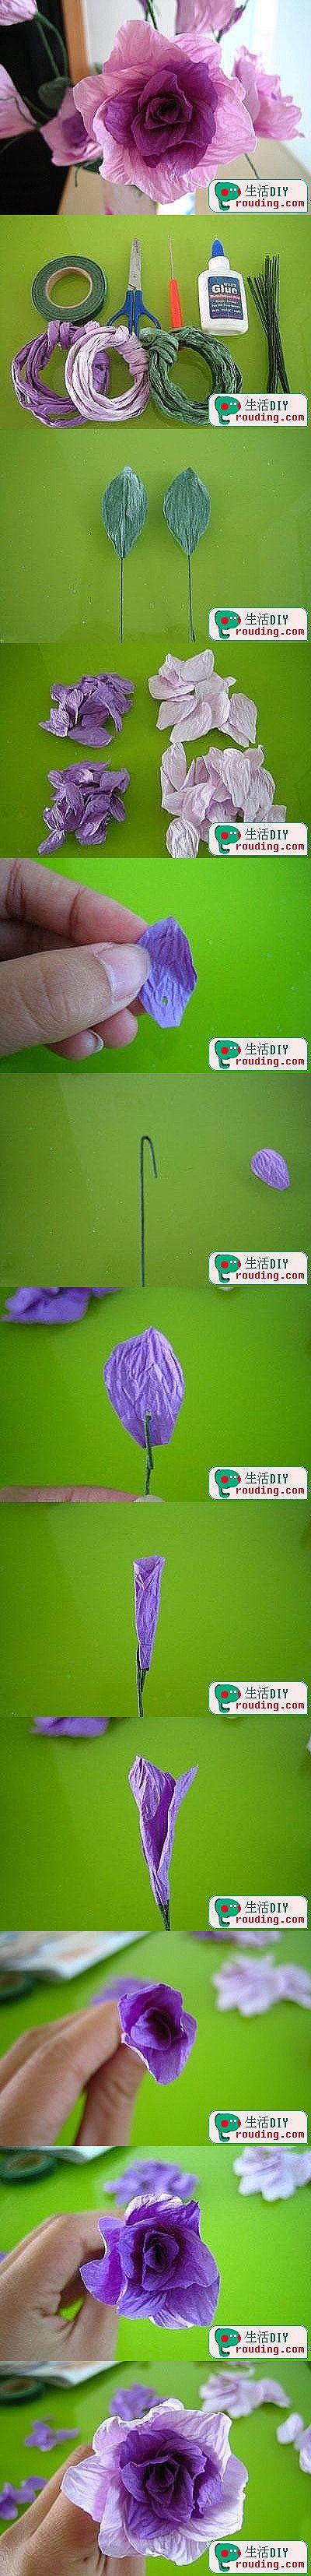 折纸 布艺 手工DIY 教程 衍纸 茱萸花的做法